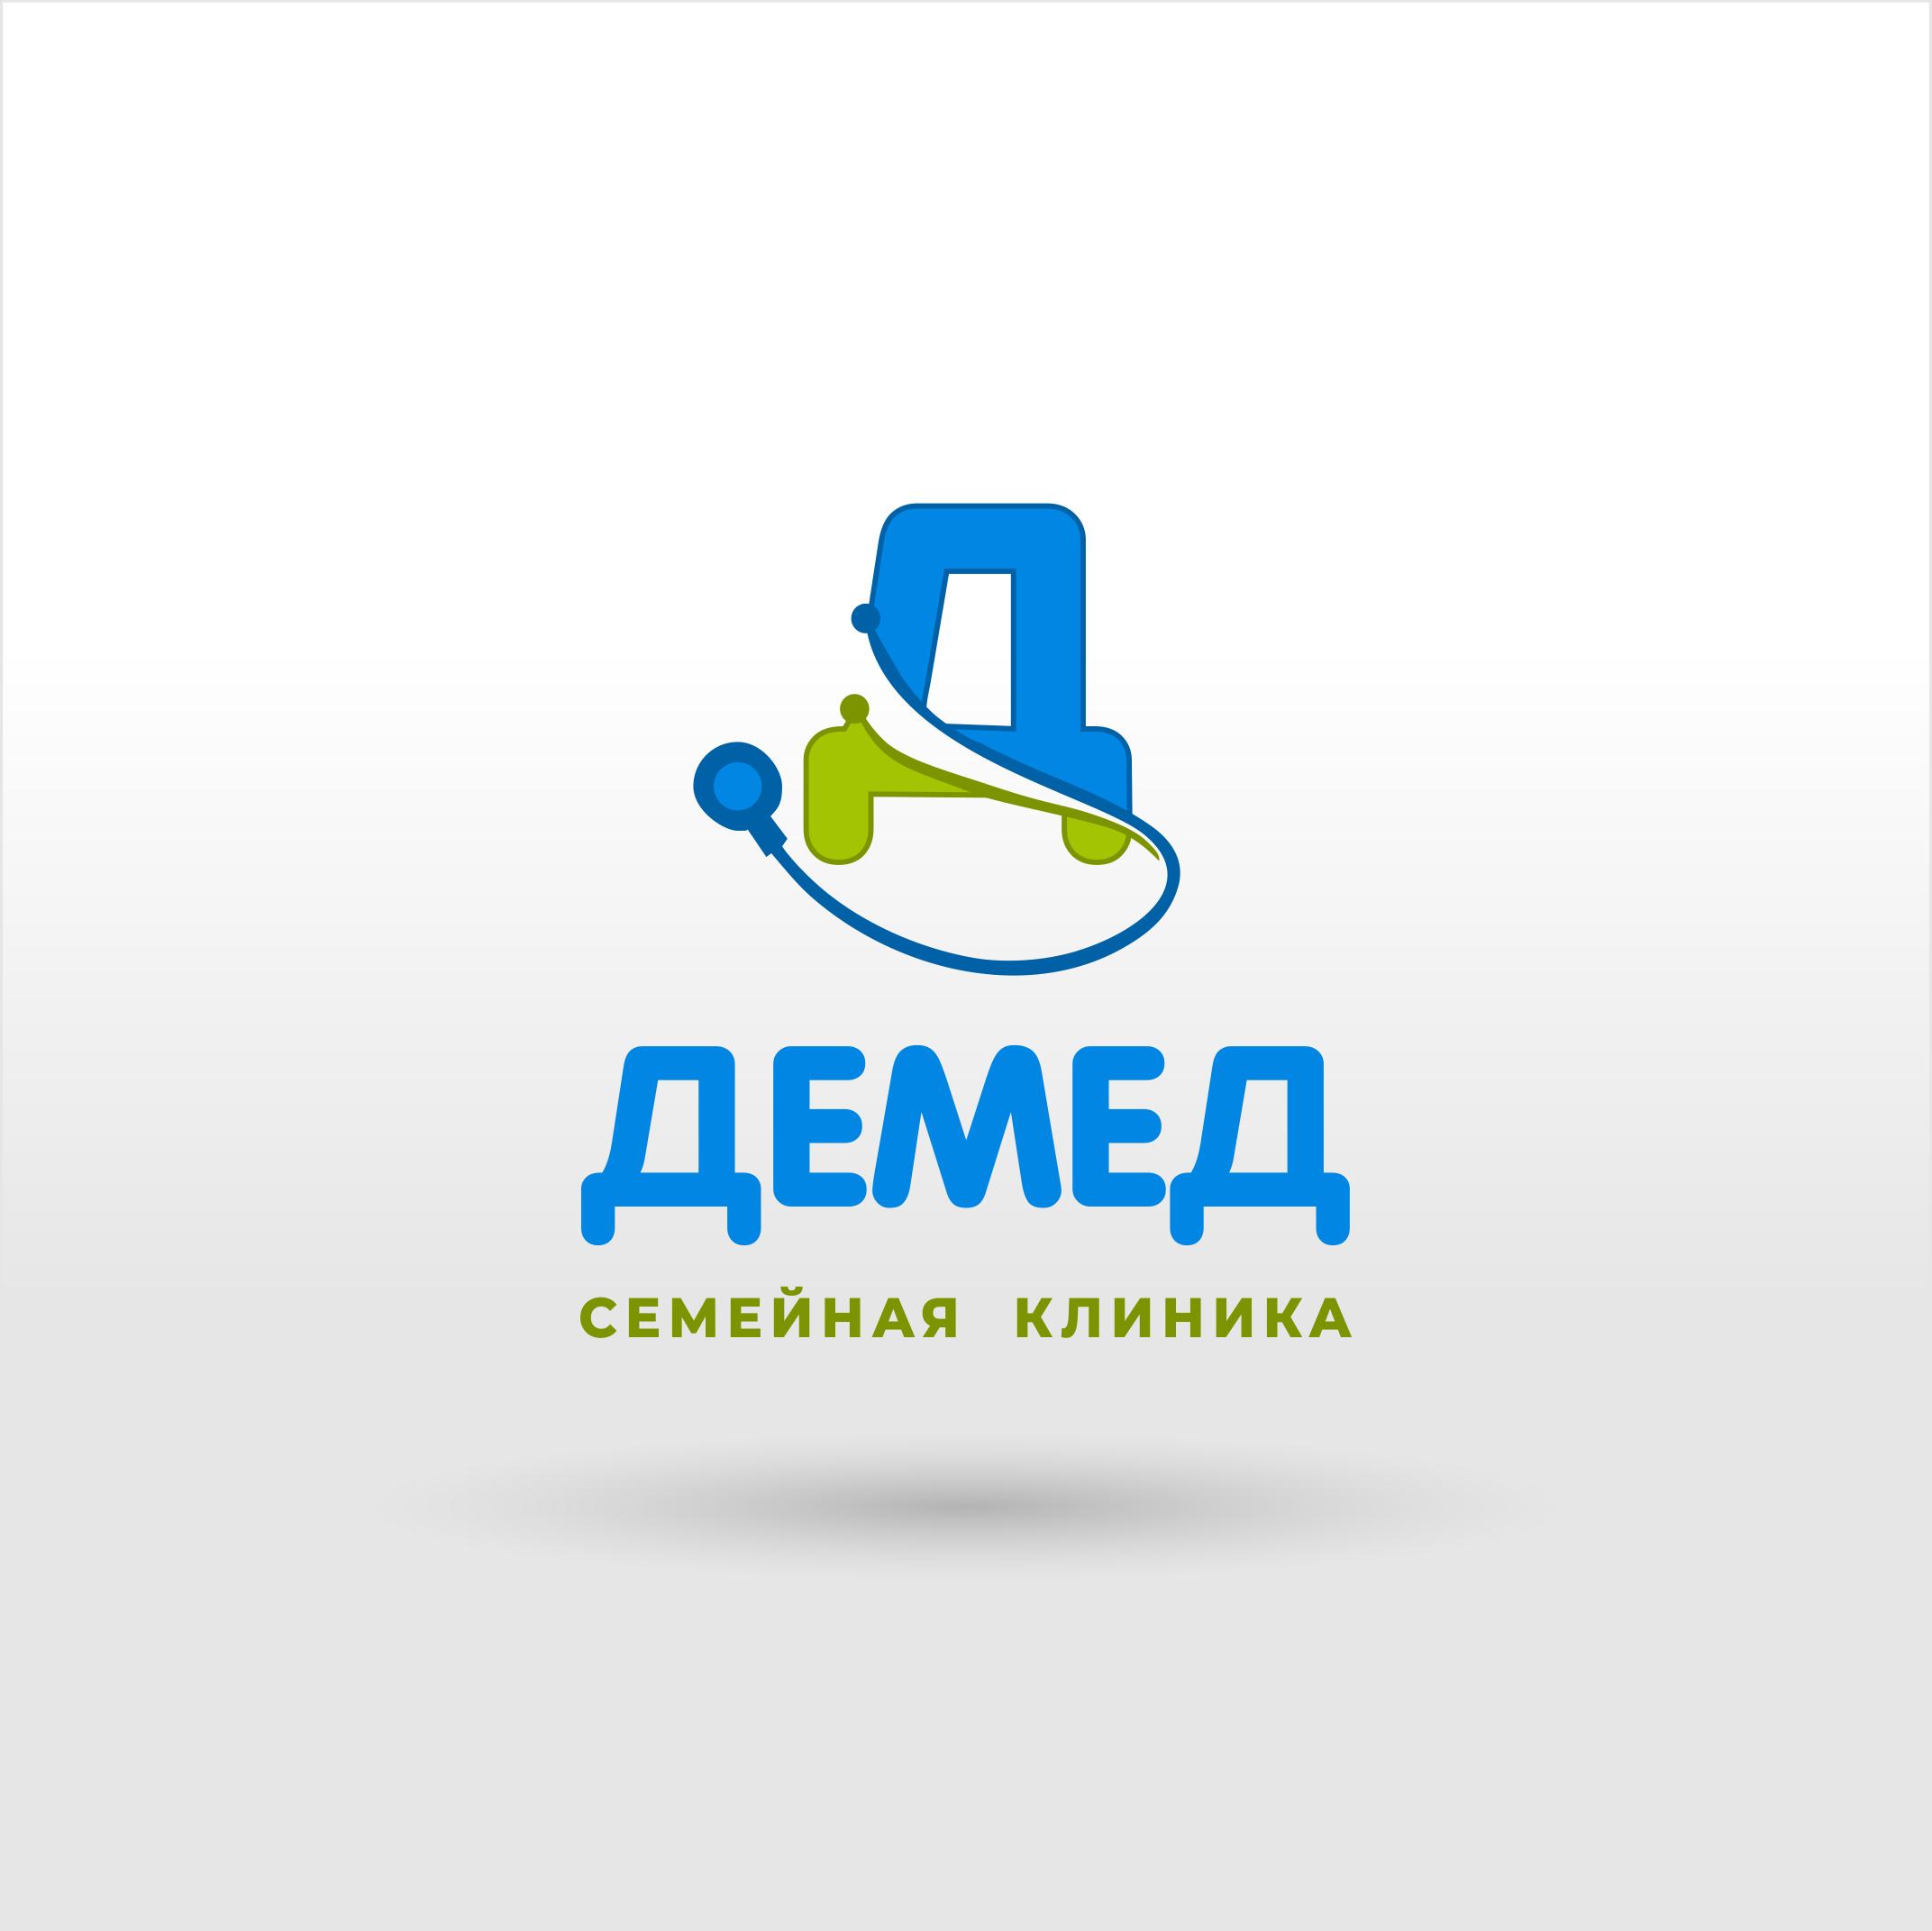 Логотип медицинского центра фото f_0985dcb987a96569.png